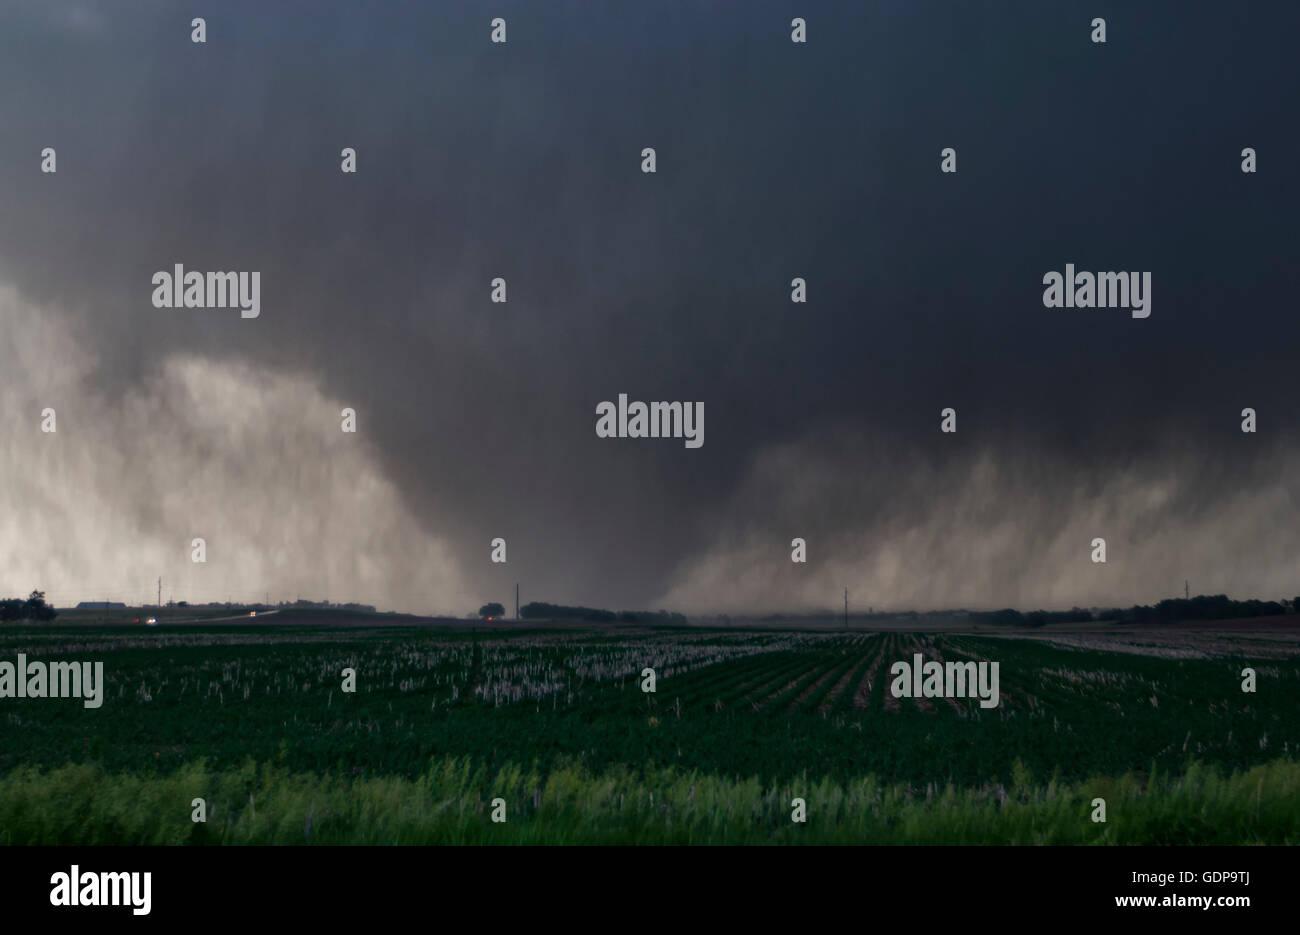 Una violenta lluvia-wrapped wedge tornado rips de tierras agrícolas en las zonas rurales de Kansas Imagen De Stock